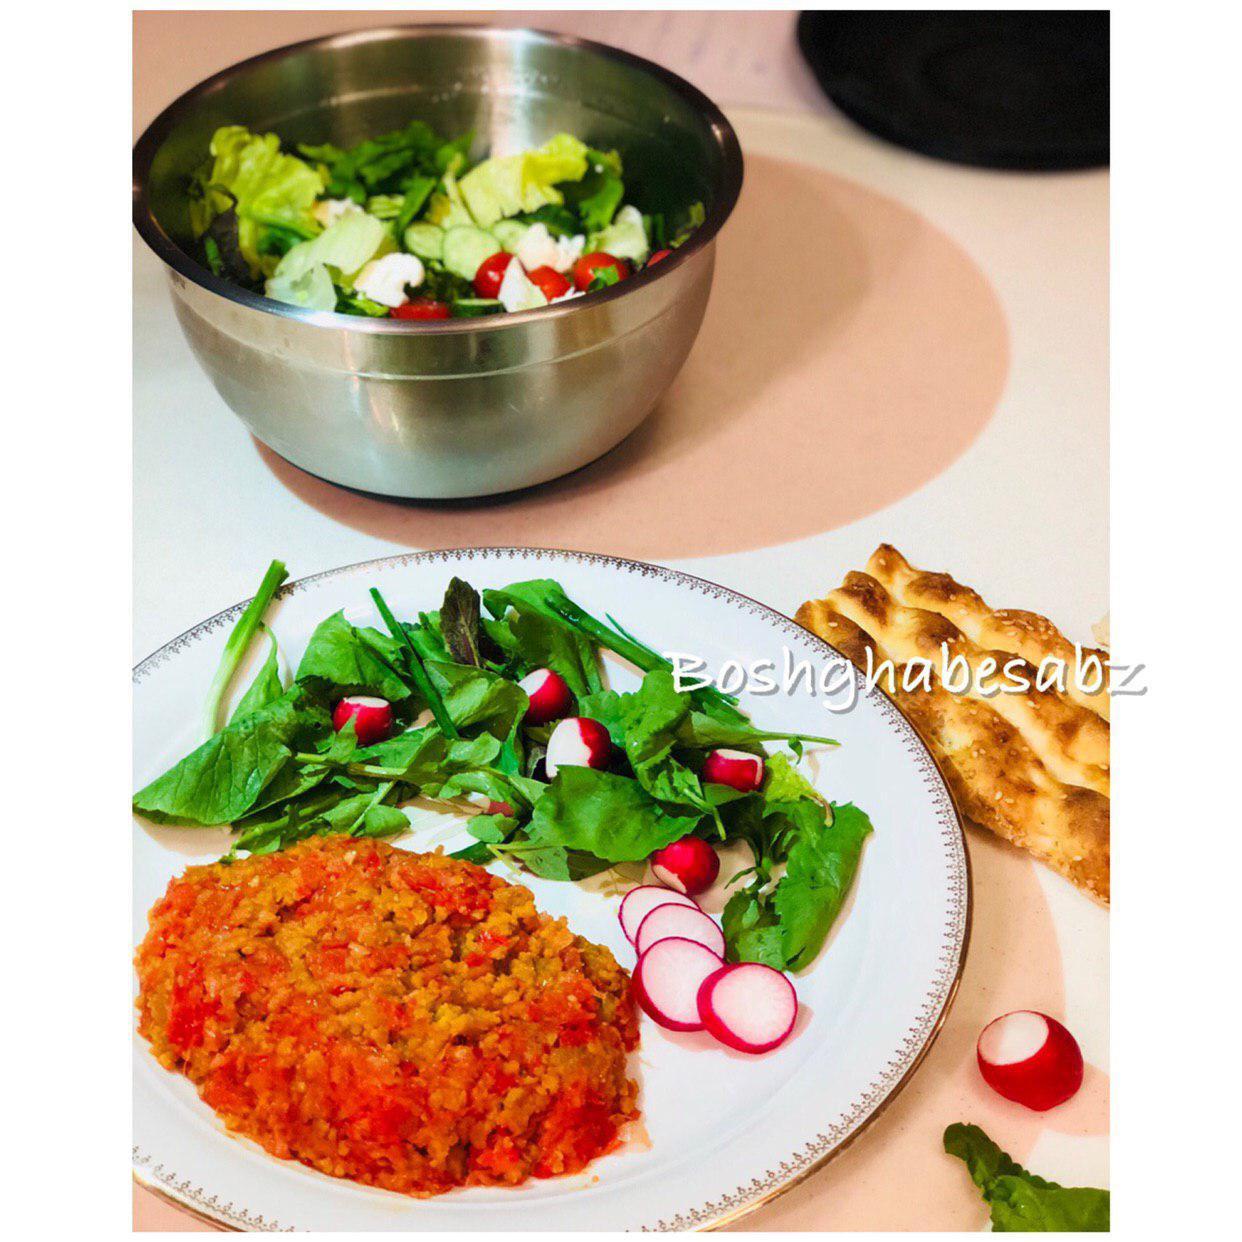 vegan-Omelette-املت-گیاهی-وگن-وگان